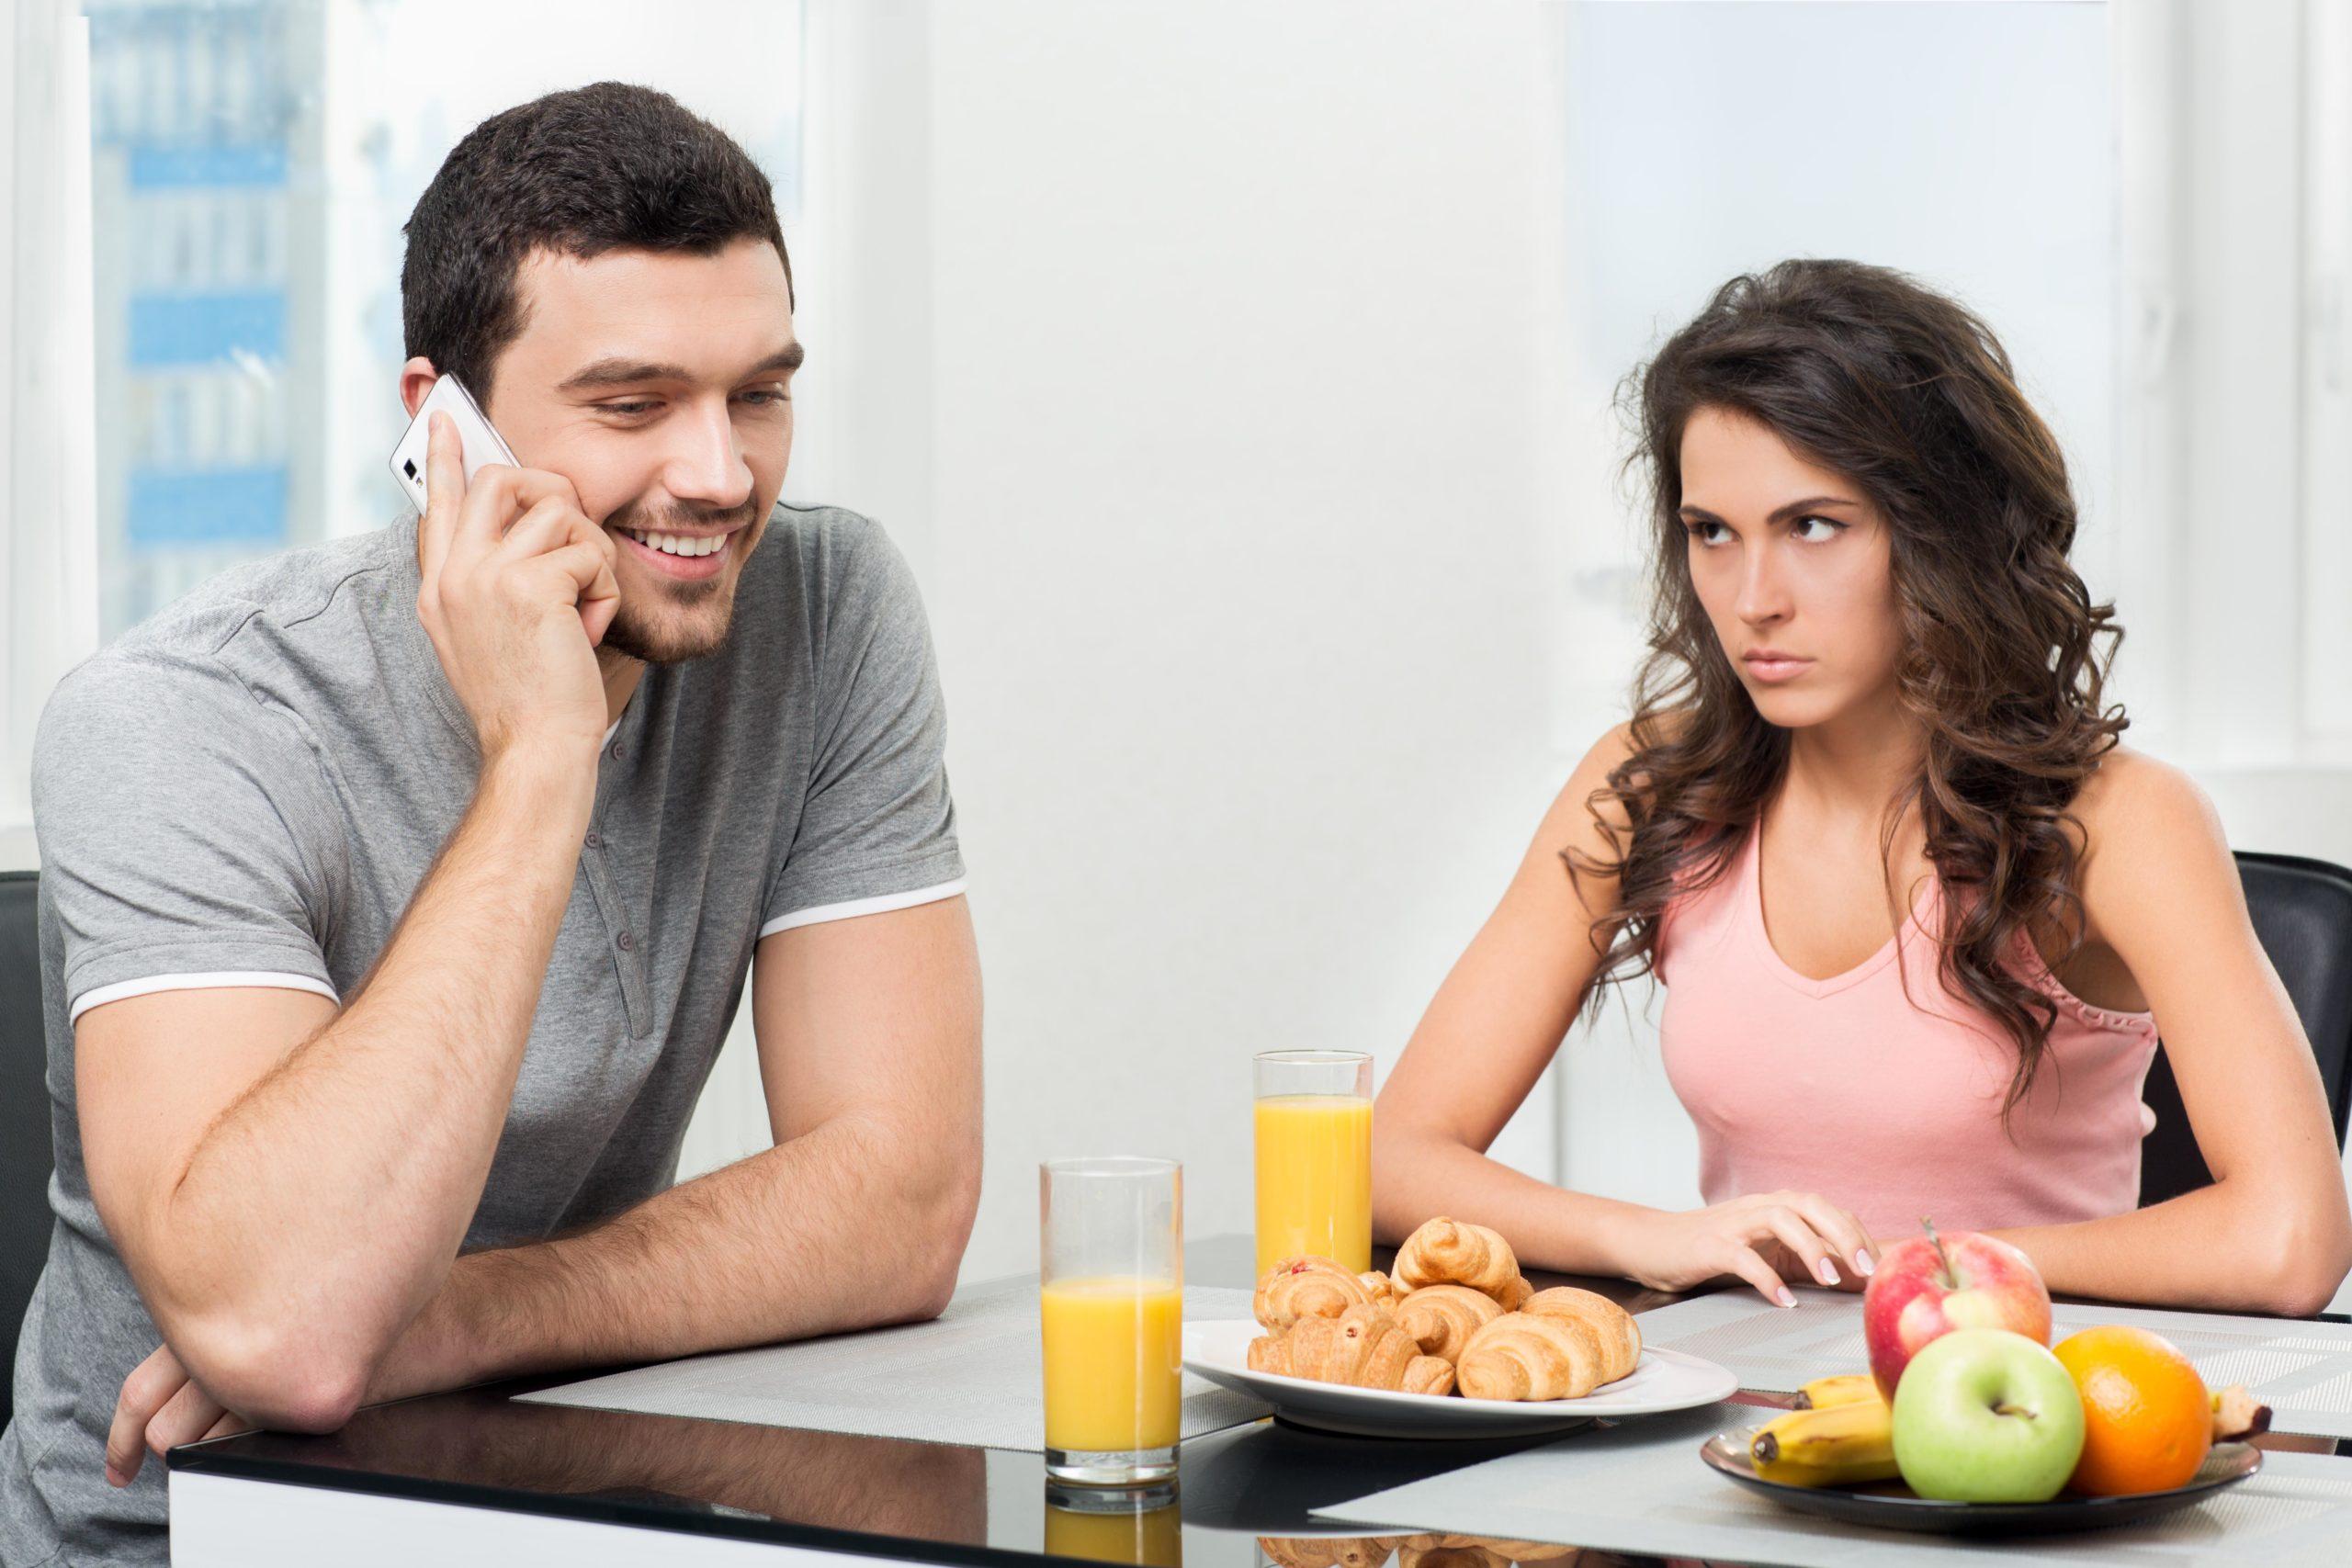 Если влюбились в женатого, что делать